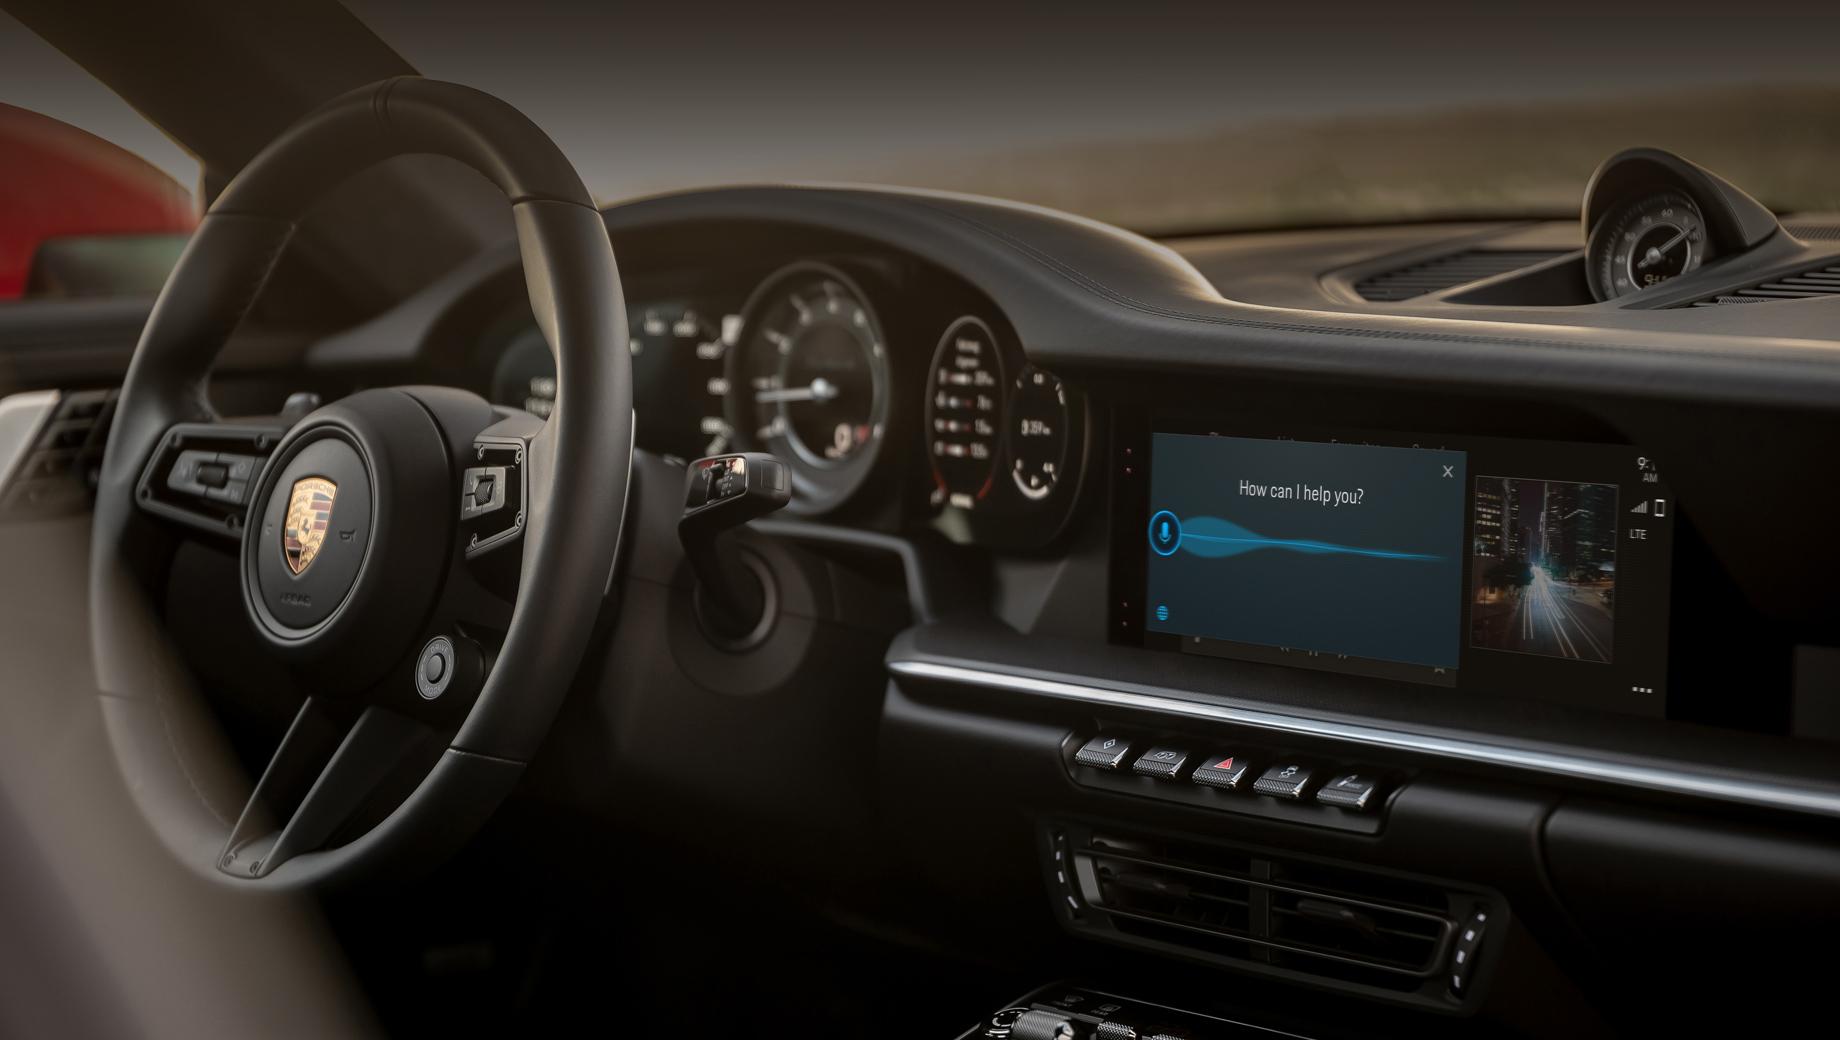 Porsche 911,Porsche panamera,Porsche cayenne. Среди обновлений — голосовой помощник Voice Pilot (активируется фразой «Hey, Porsche»), который стал «более человечным». Теперь он понимает естественную речь и фразы вроде «Мне нужен бензин» (начинает искать заправки) или «Мне холодно» (меняет настройки климата). Система постоянно на связи с сетью и обучается новым формулировкам.